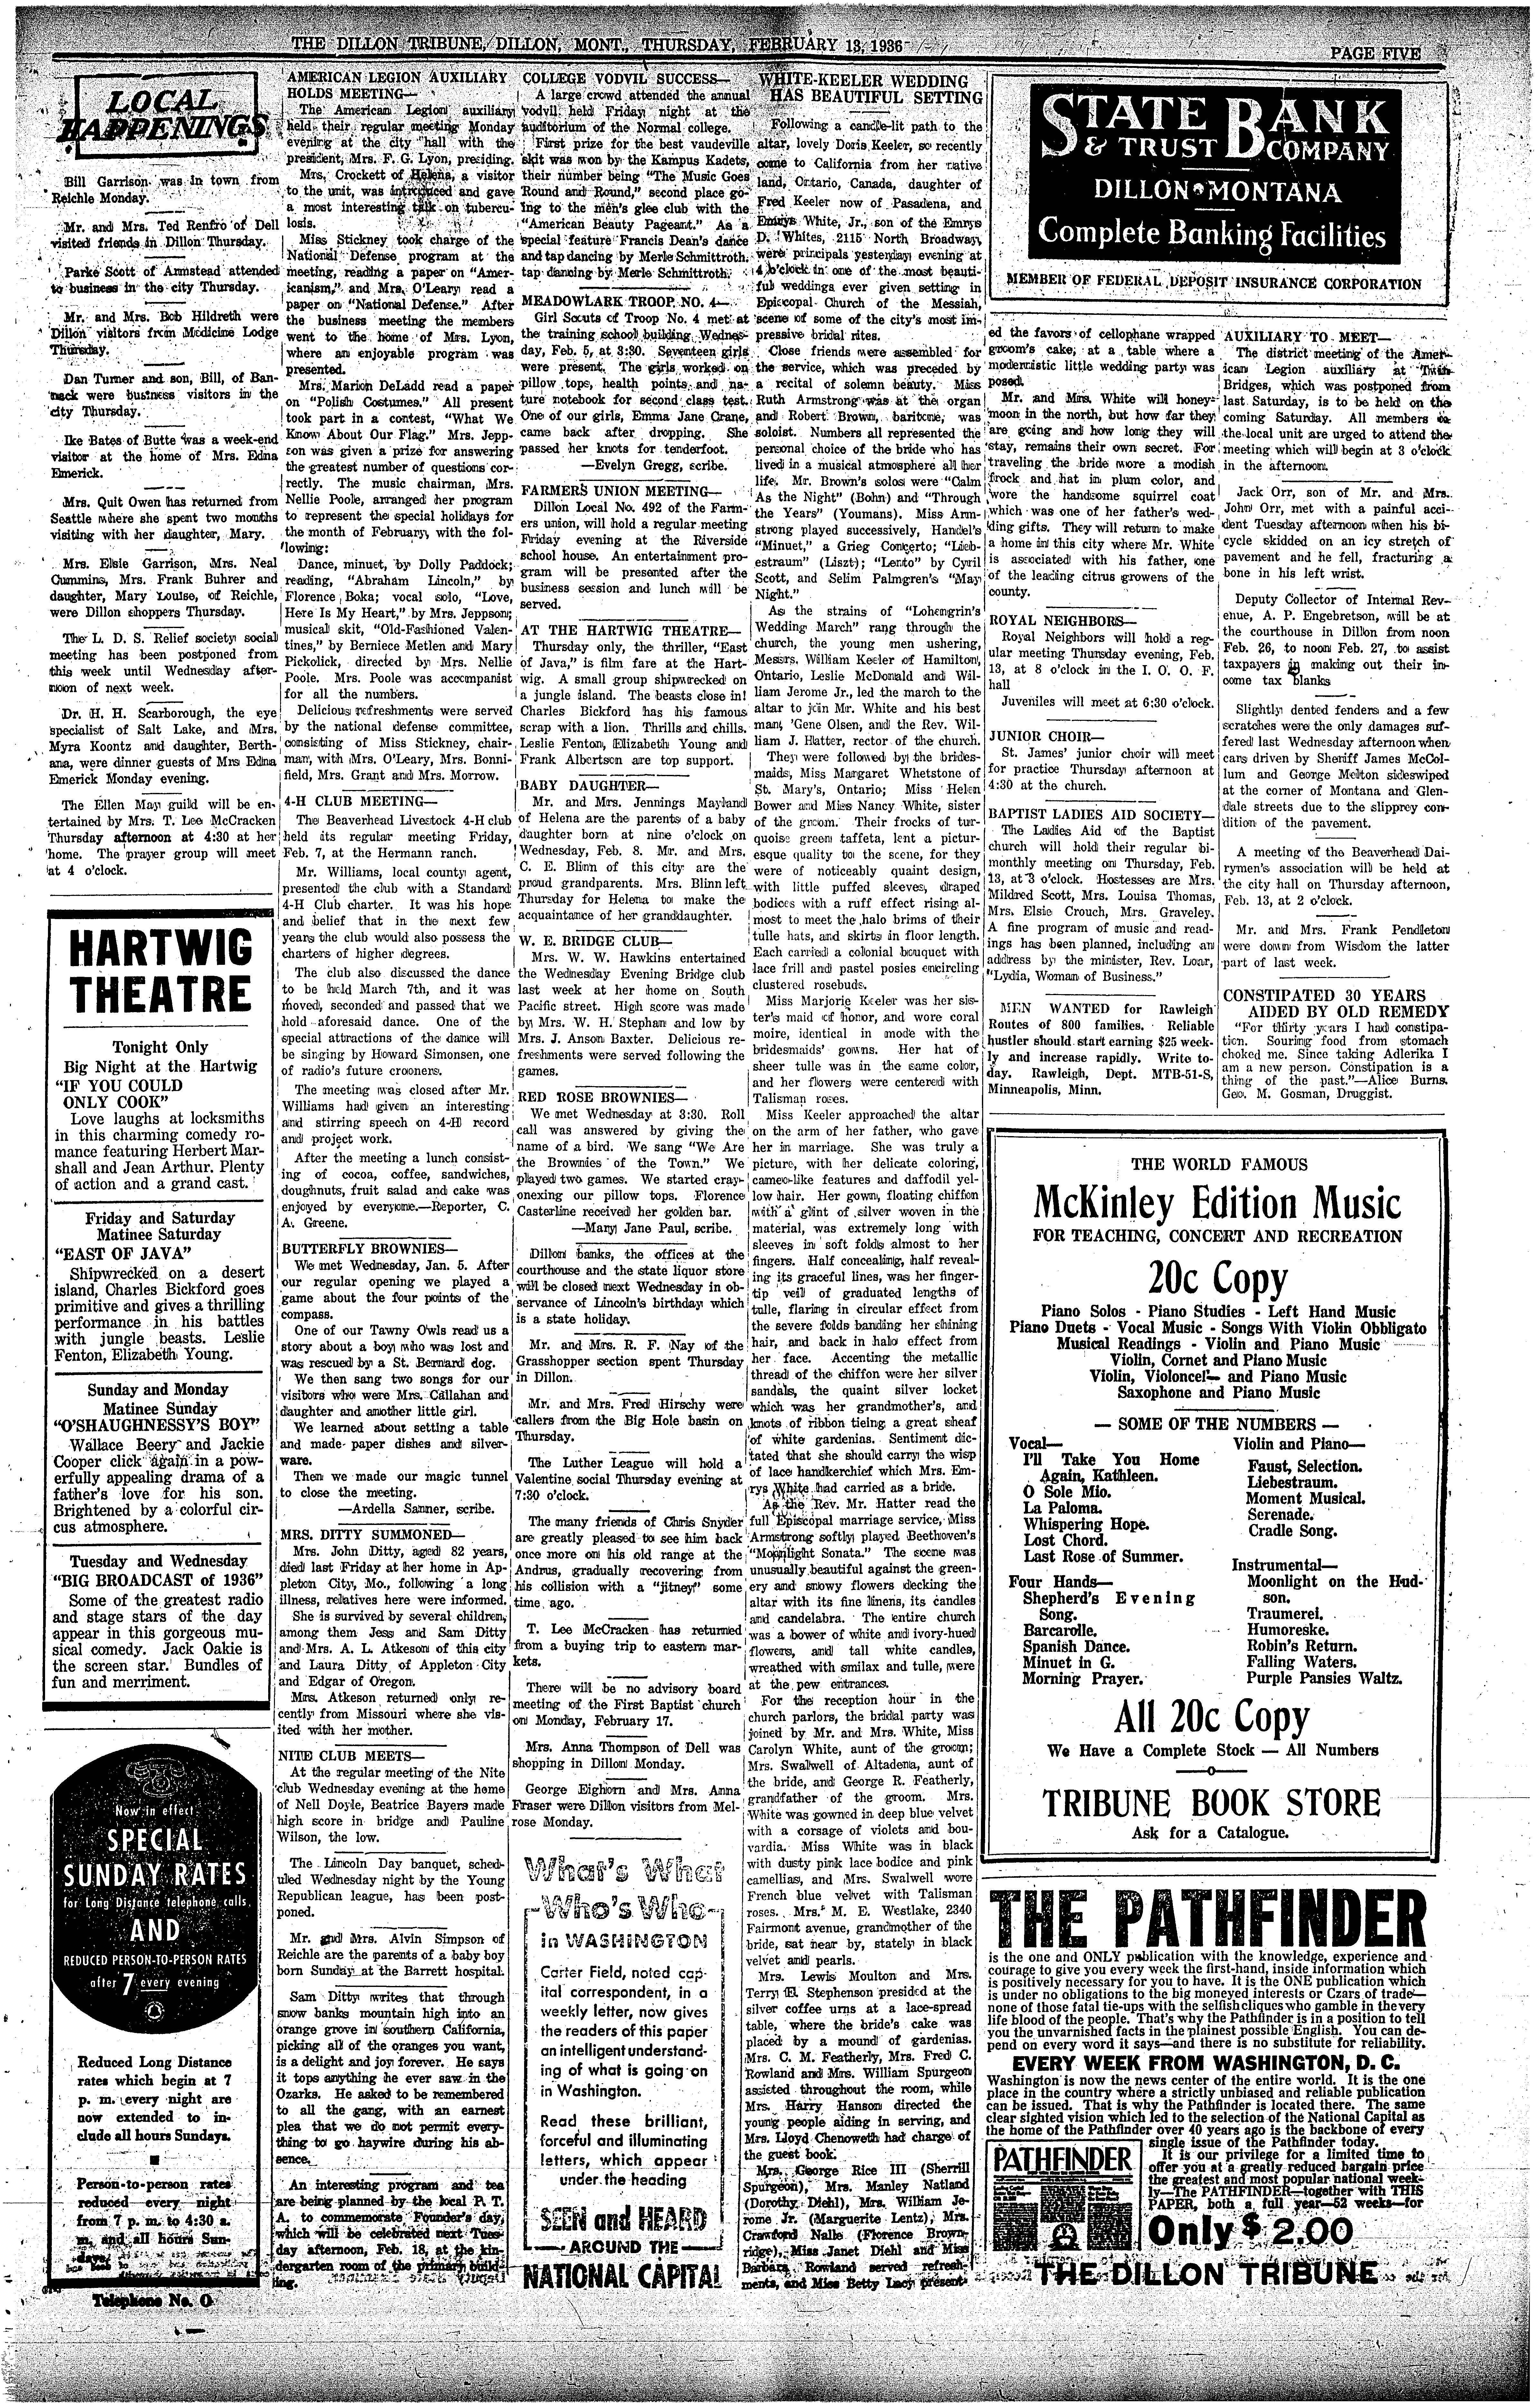 The Dillon Tribune (Dillon, Mont.) 1881 1941, February 13